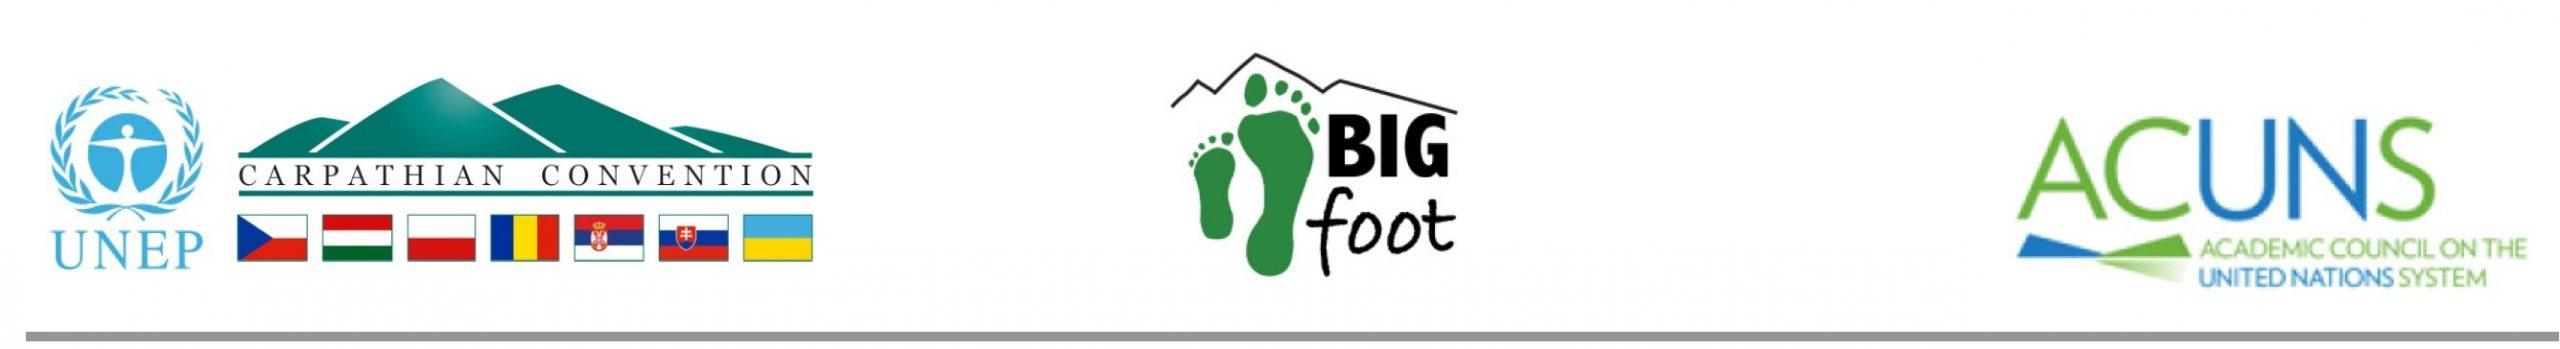 bigfootconf banner